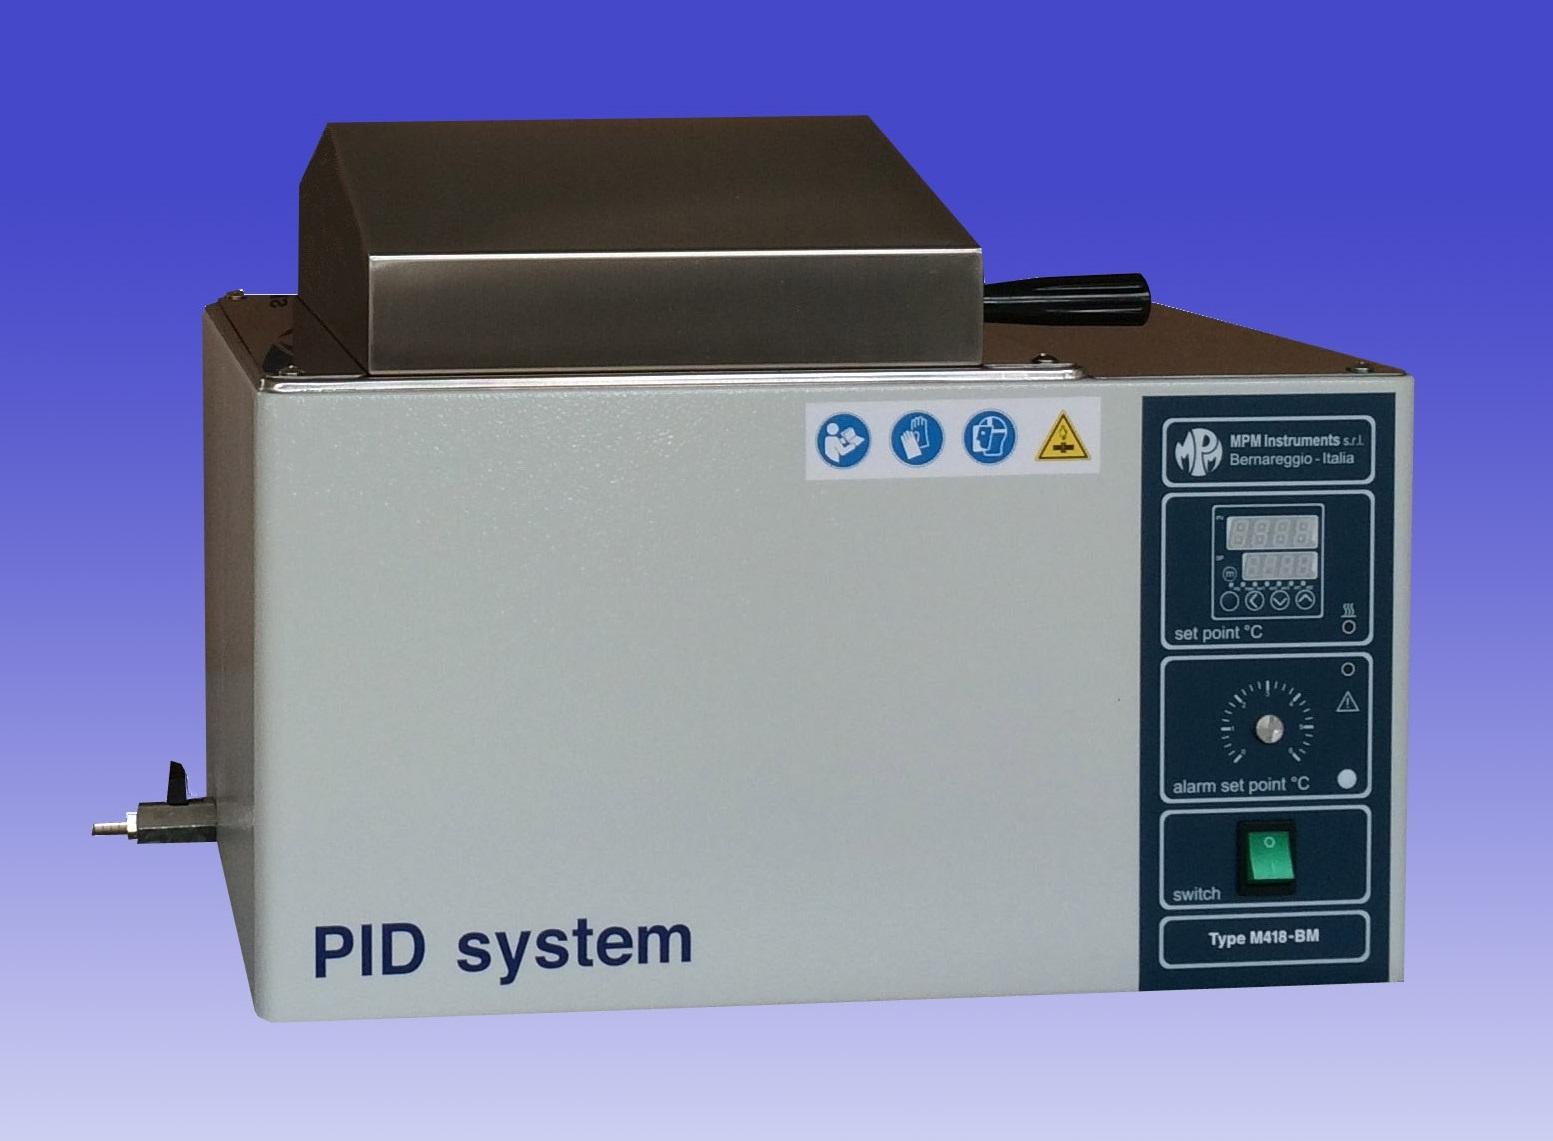 Bagno termostatico mpm mod m458 bm con programmatore - Bagno termostatico ...